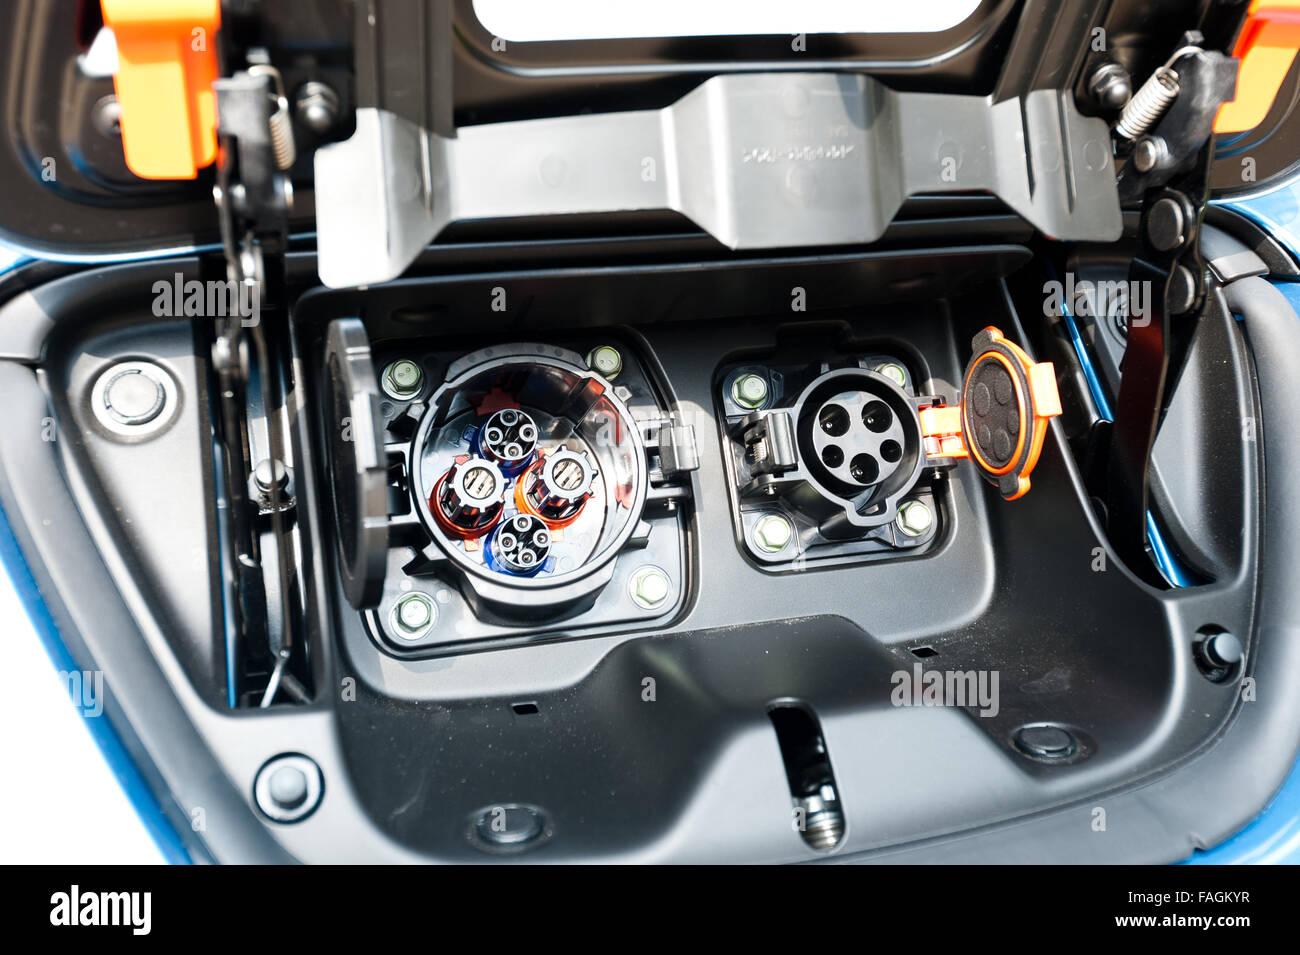 Connettore di ricarica per i veicoli elettrici e ibridi. Incentrato sul tappo Immagini Stock